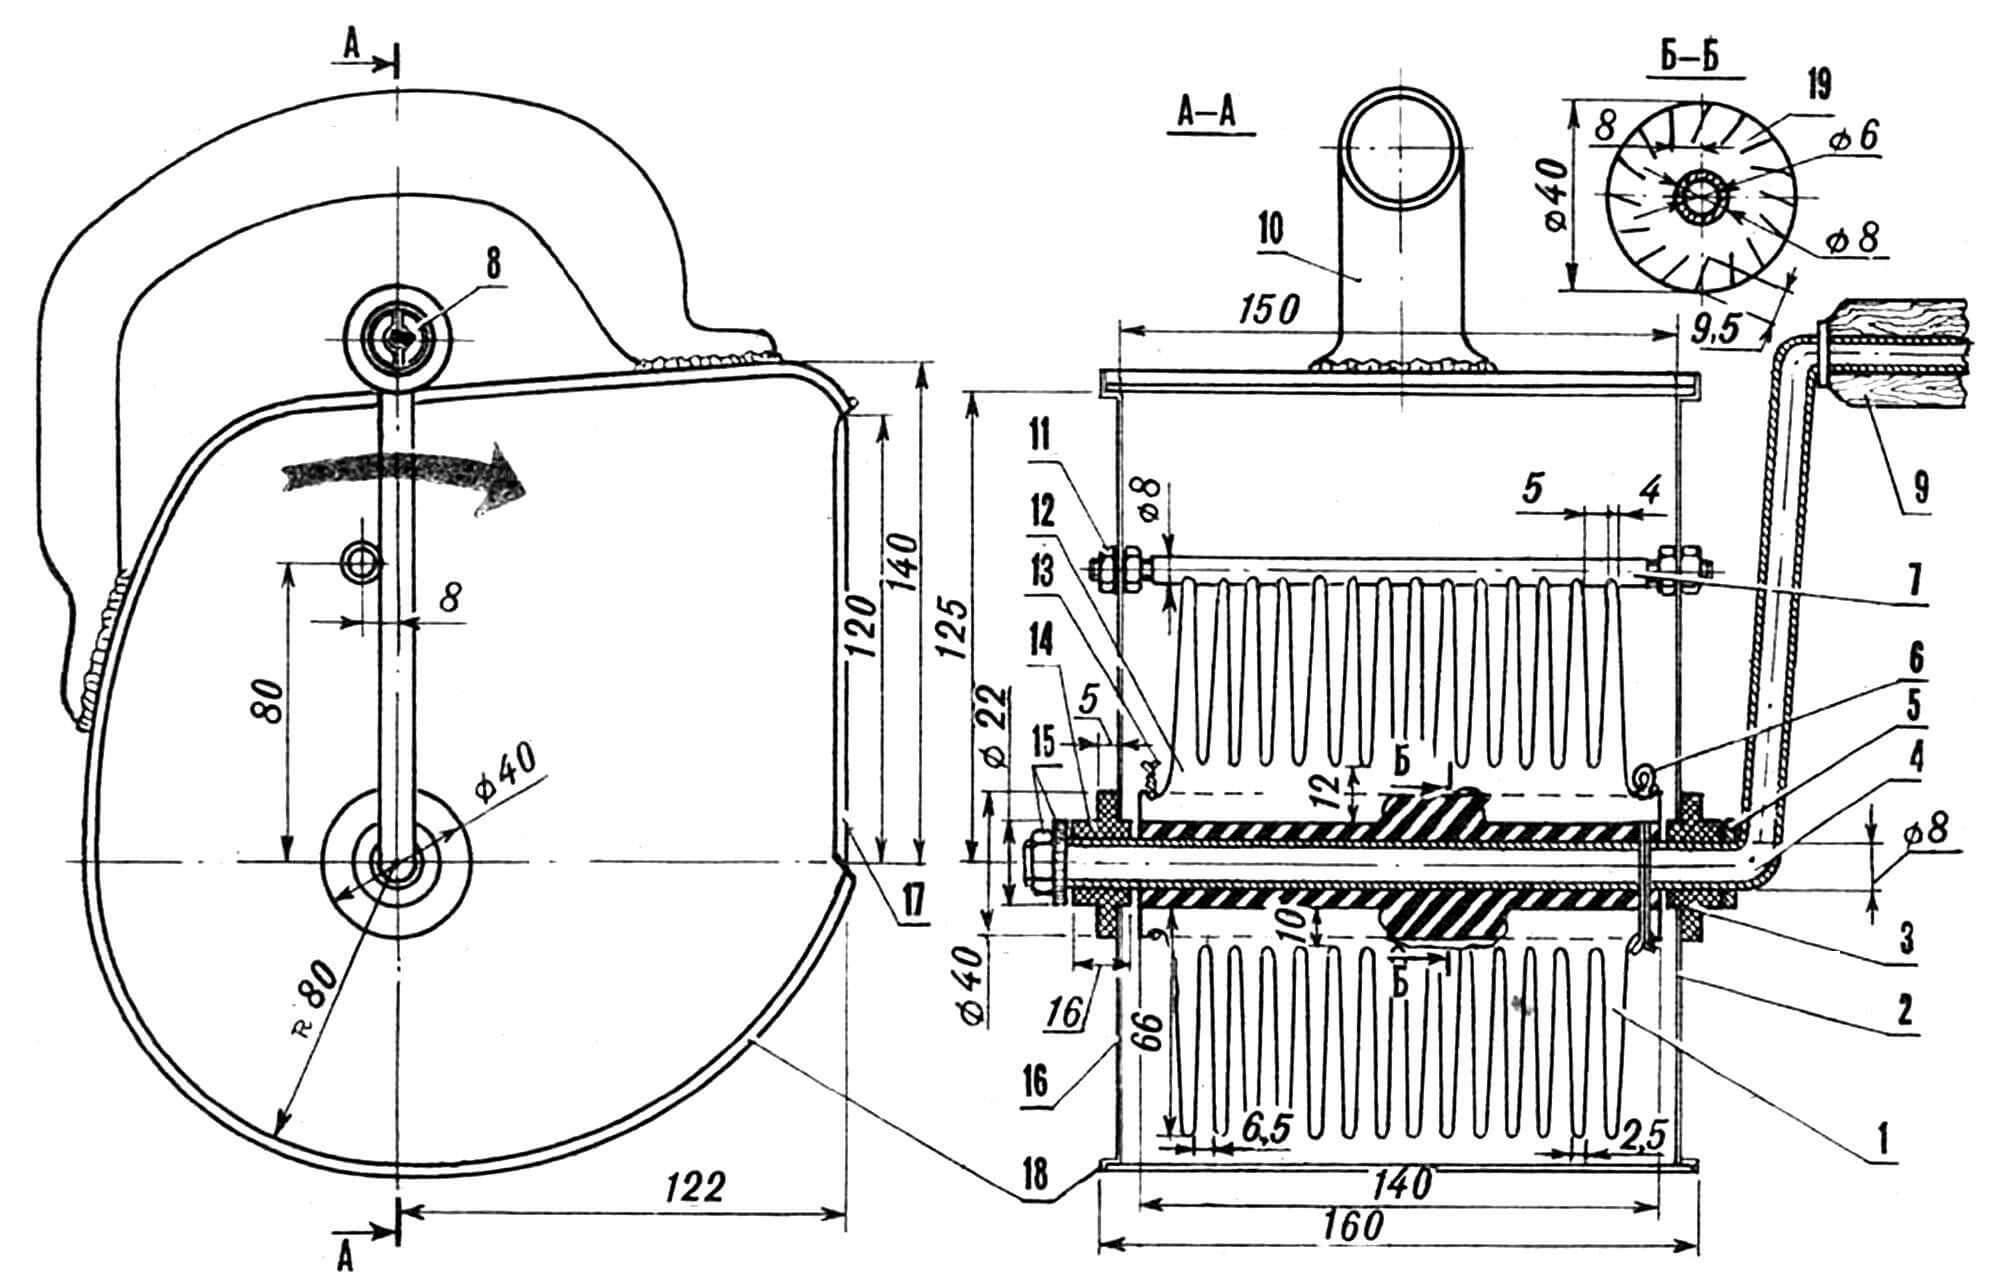 Машинка-«растворомет»: 1 — гребенка (из стальной пластины 66x140 мм толщиной 0,3 мм), 2 — правая щека корпуса, 3, 14 — втулки-подшипники, 4 — ручка-ось (трубка ø 8 мм, сталь), 5 — шайба, 6 — шплинт, 7 — поперечина-ударник (шпилька ø 8 мм), 8 — шайба, 9 — деревянная рукоятка, 10 — ручка машинки (согнута из жести), 11 — гайки крепления ударника, 12 — гребенка (вариант из стальной пластины толщиной 0,4 мм), 13 — проволочная скрутка гребенок, 15 — гайки фиксации ручки-оси, 16 — левая щека корпуса, 17 — окно (на разрезе условно не показано), 18 — опоясывающая полоса корпуса, 19 — осевой цилиндр гребенок (последние на сечении Б-Б условно не показаны).